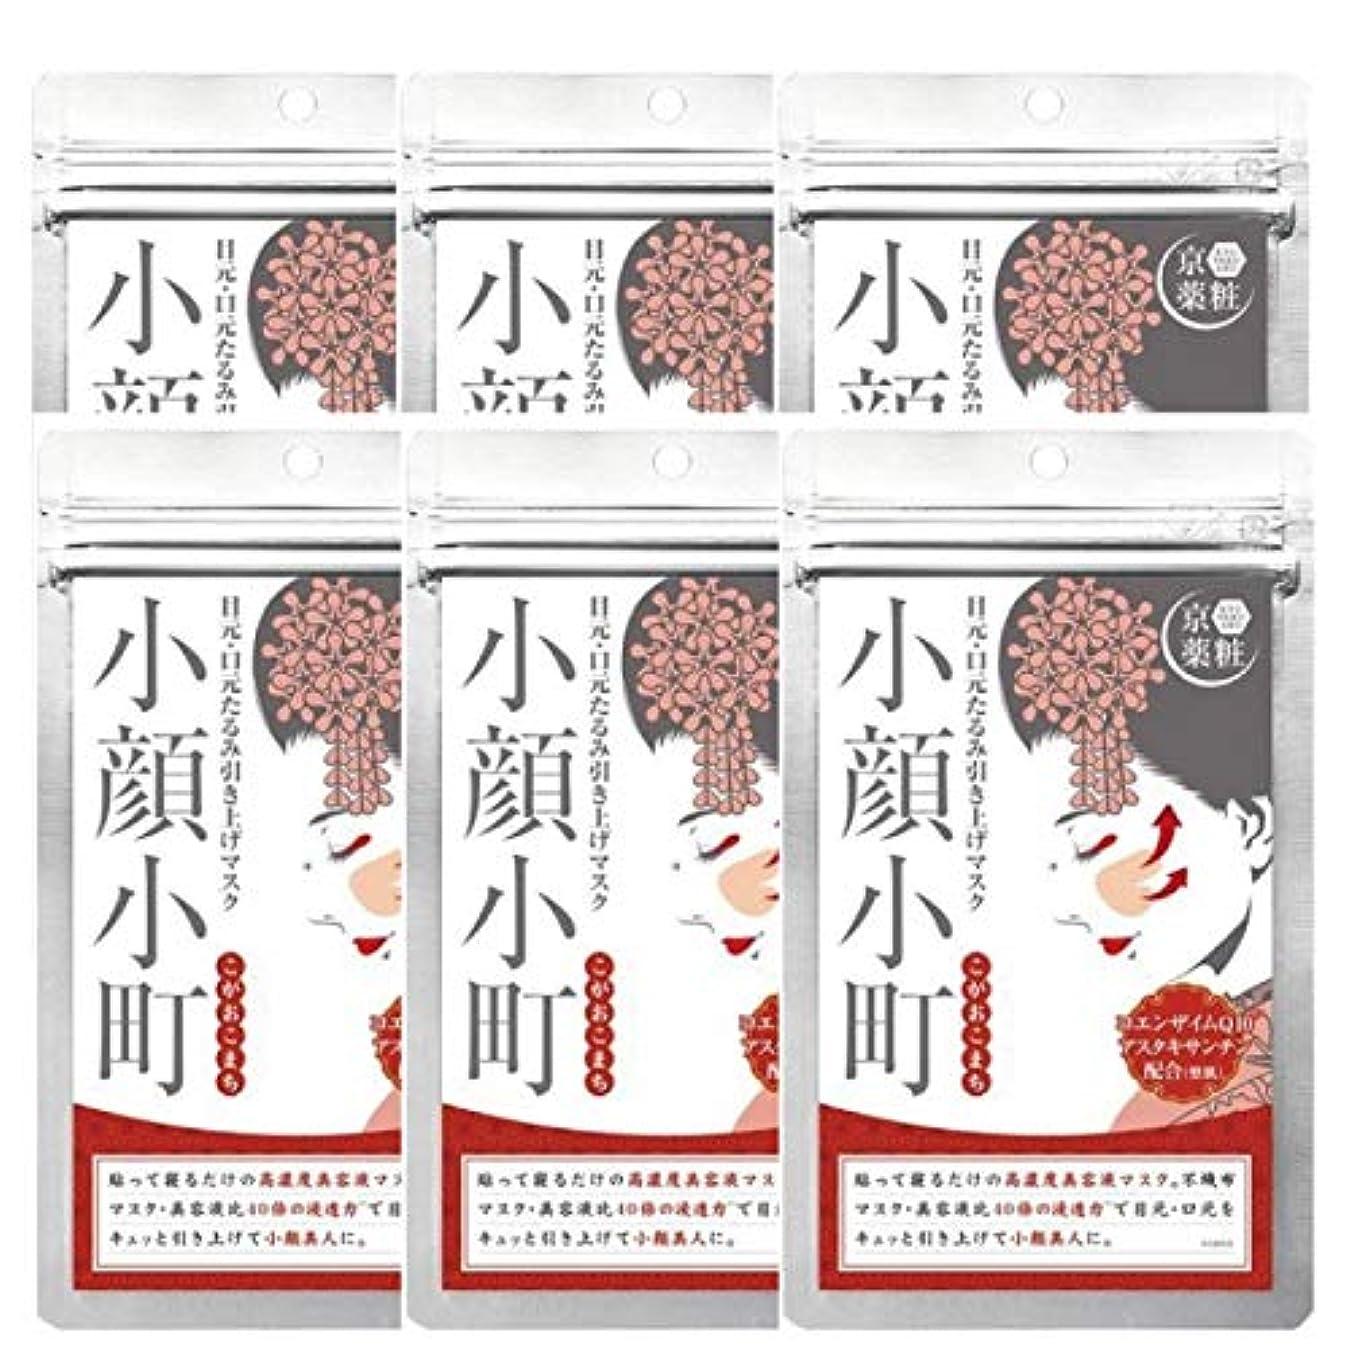 京薬粧 小顔小町 リフトアップマスク ×6セット